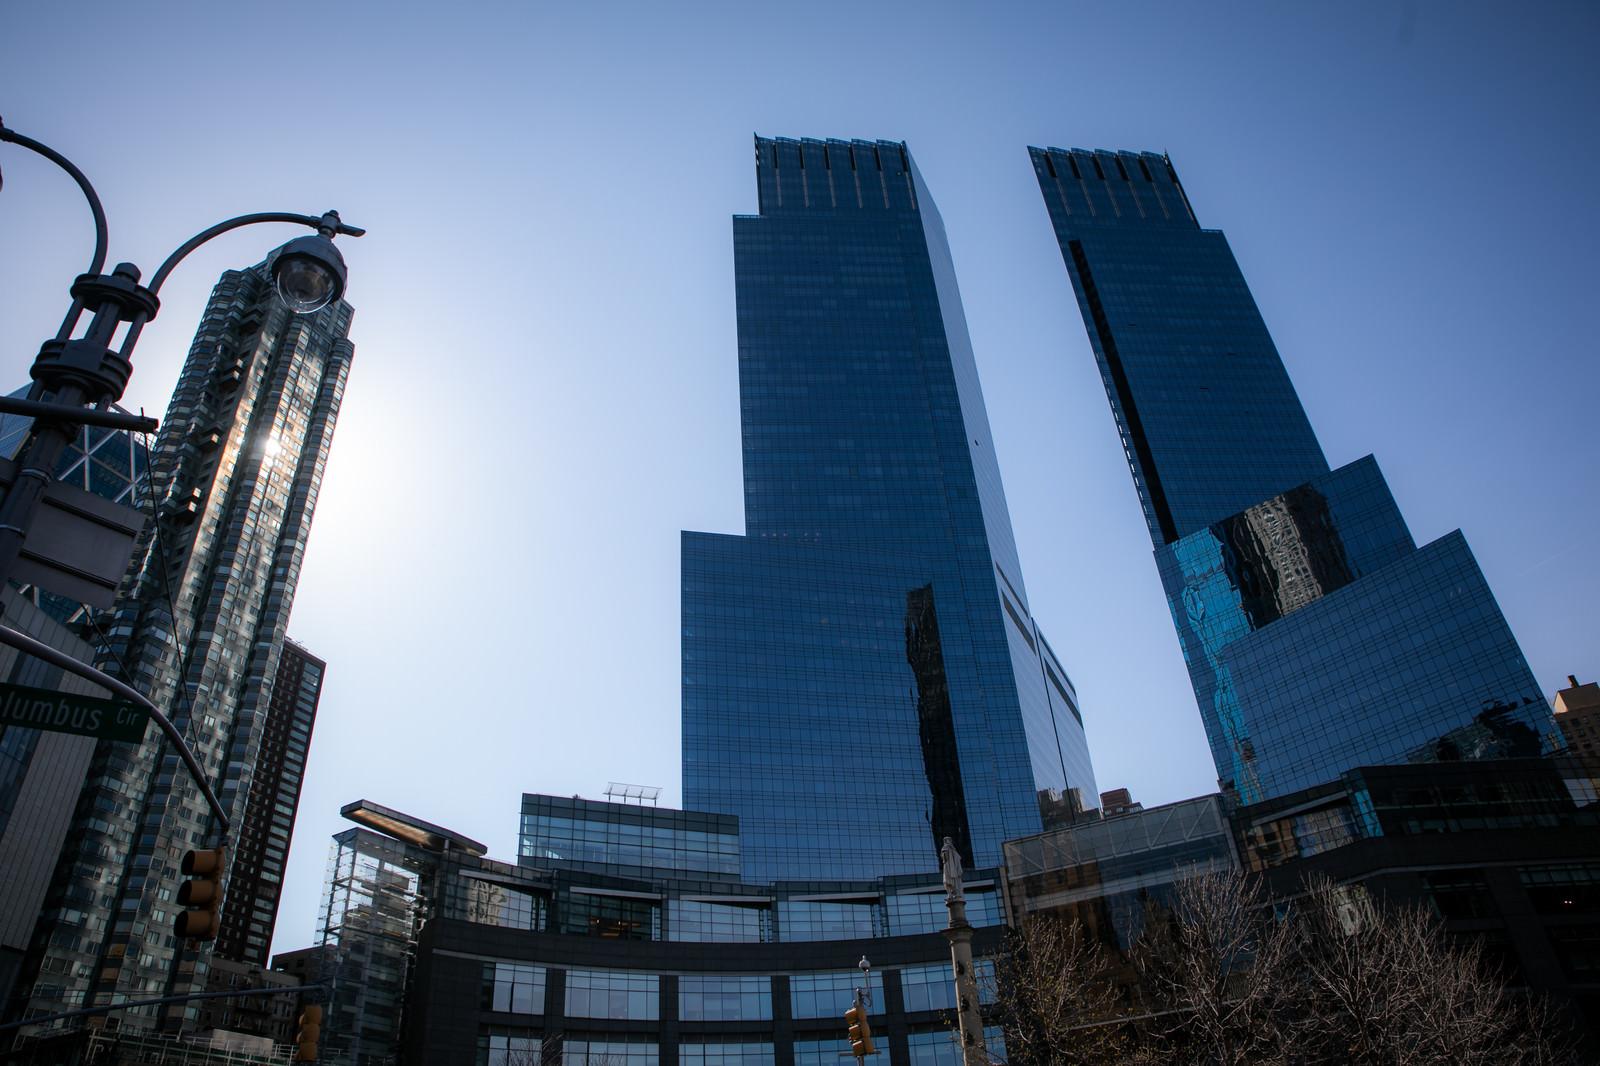 「ガラス張りの高層ビル群(ニューヨーク)」の写真